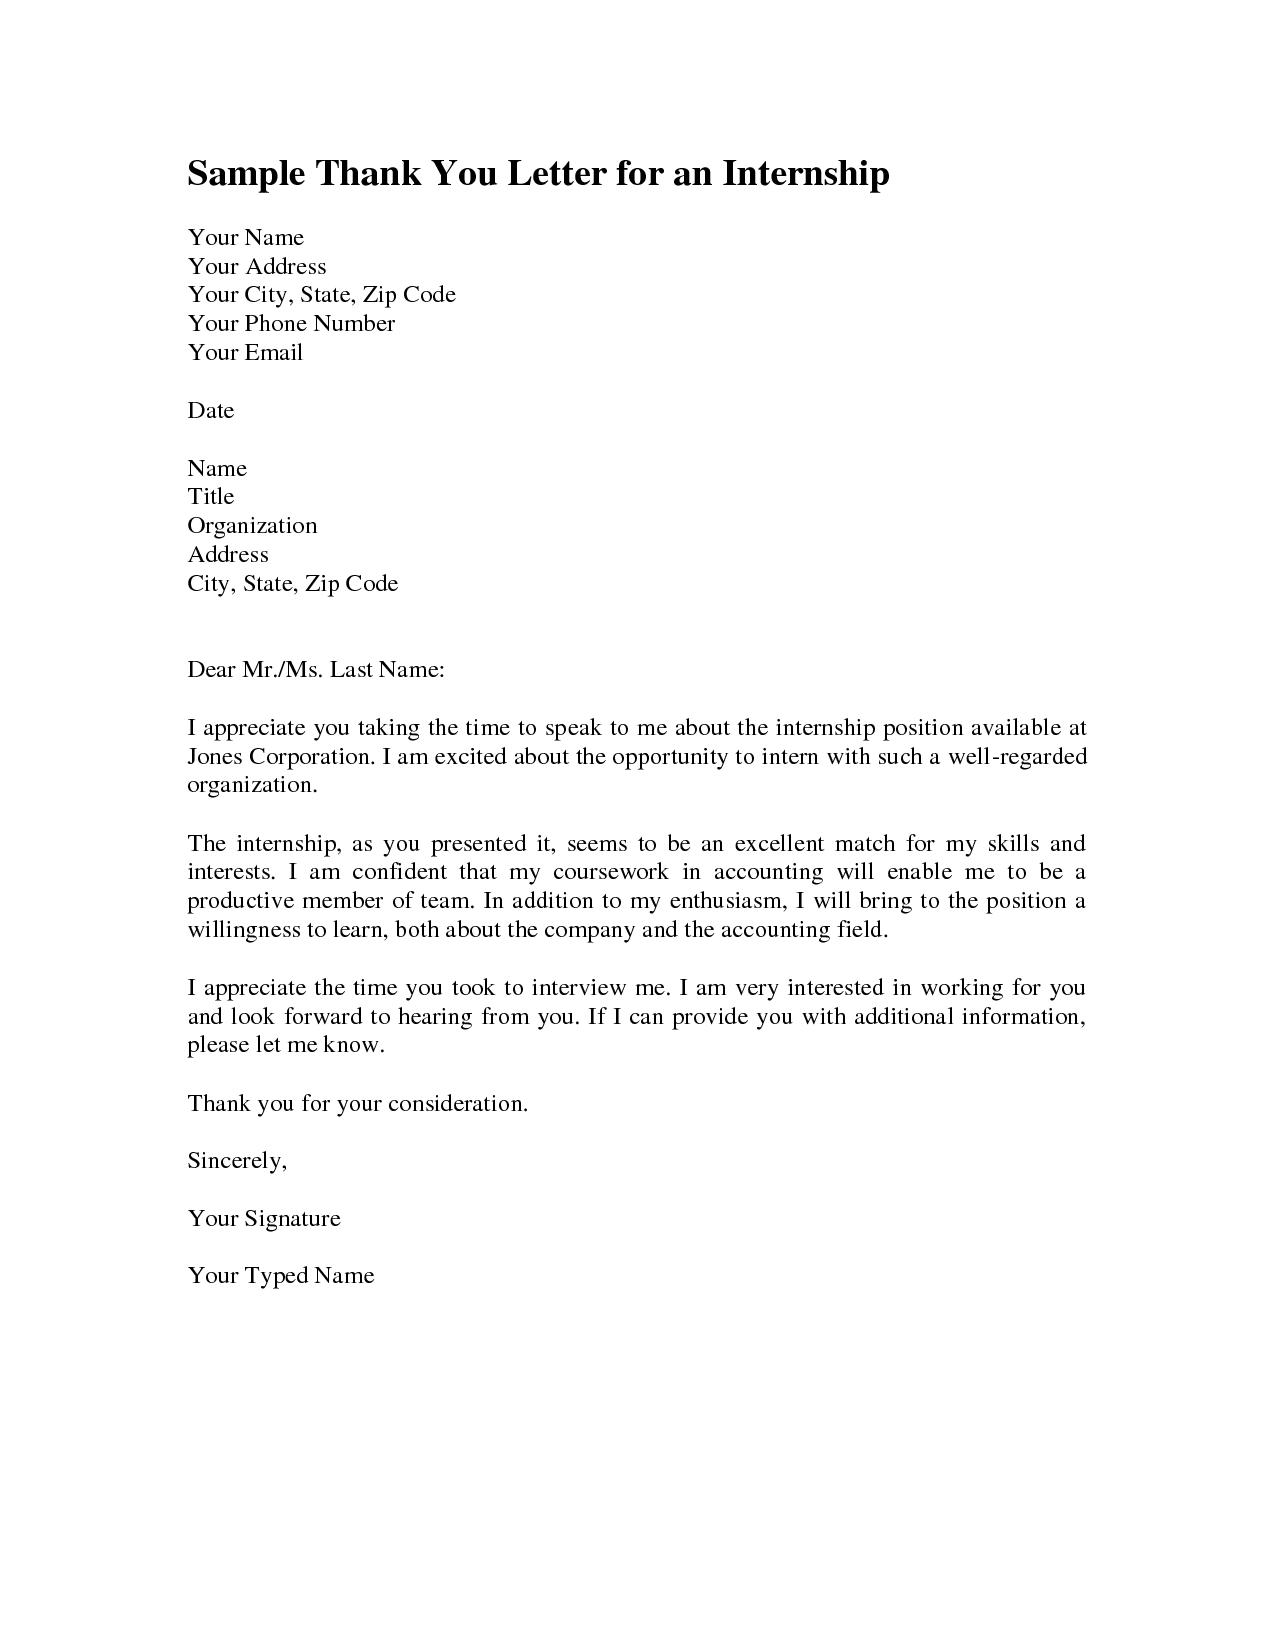 Dreamworks internship cover letter